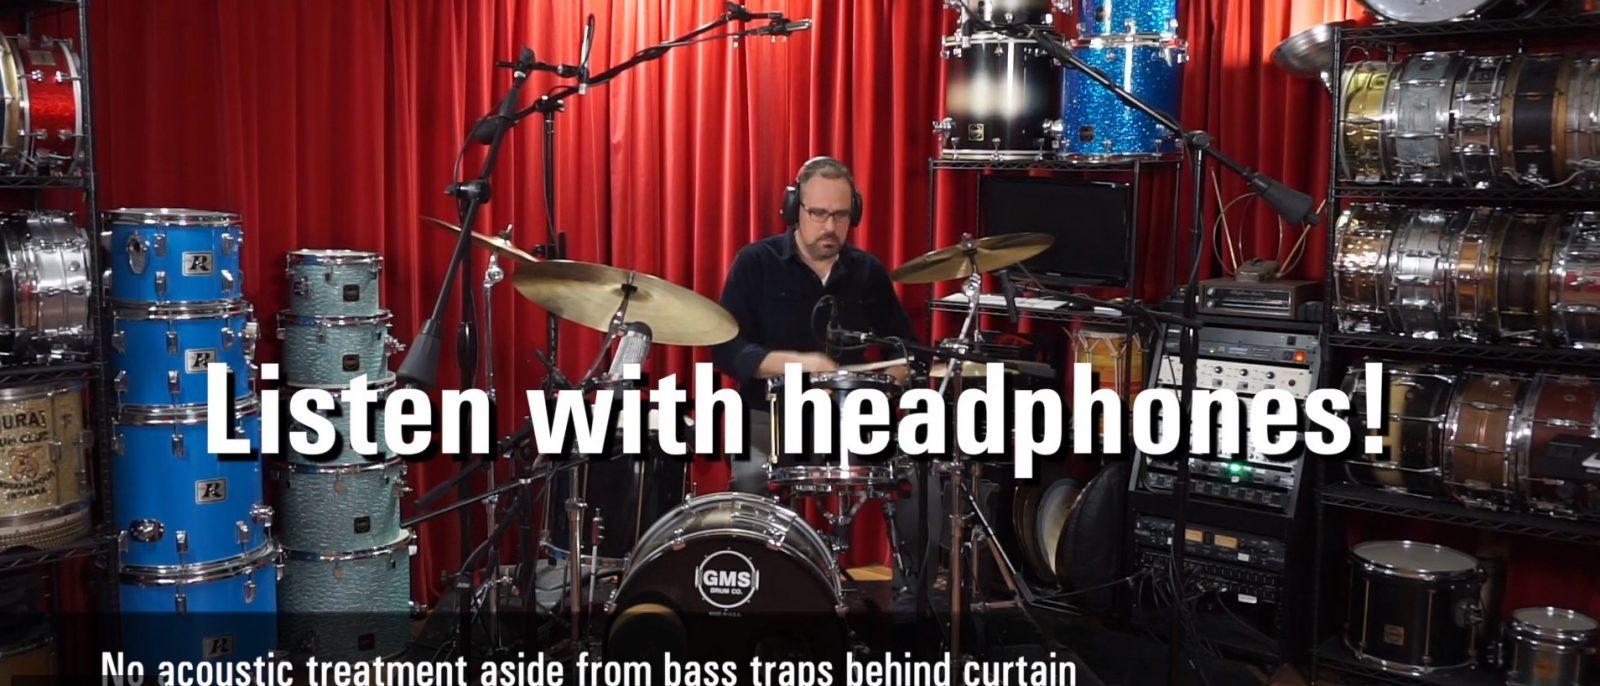 GIK Acoustics Drum Recording with Acoustic Treatments